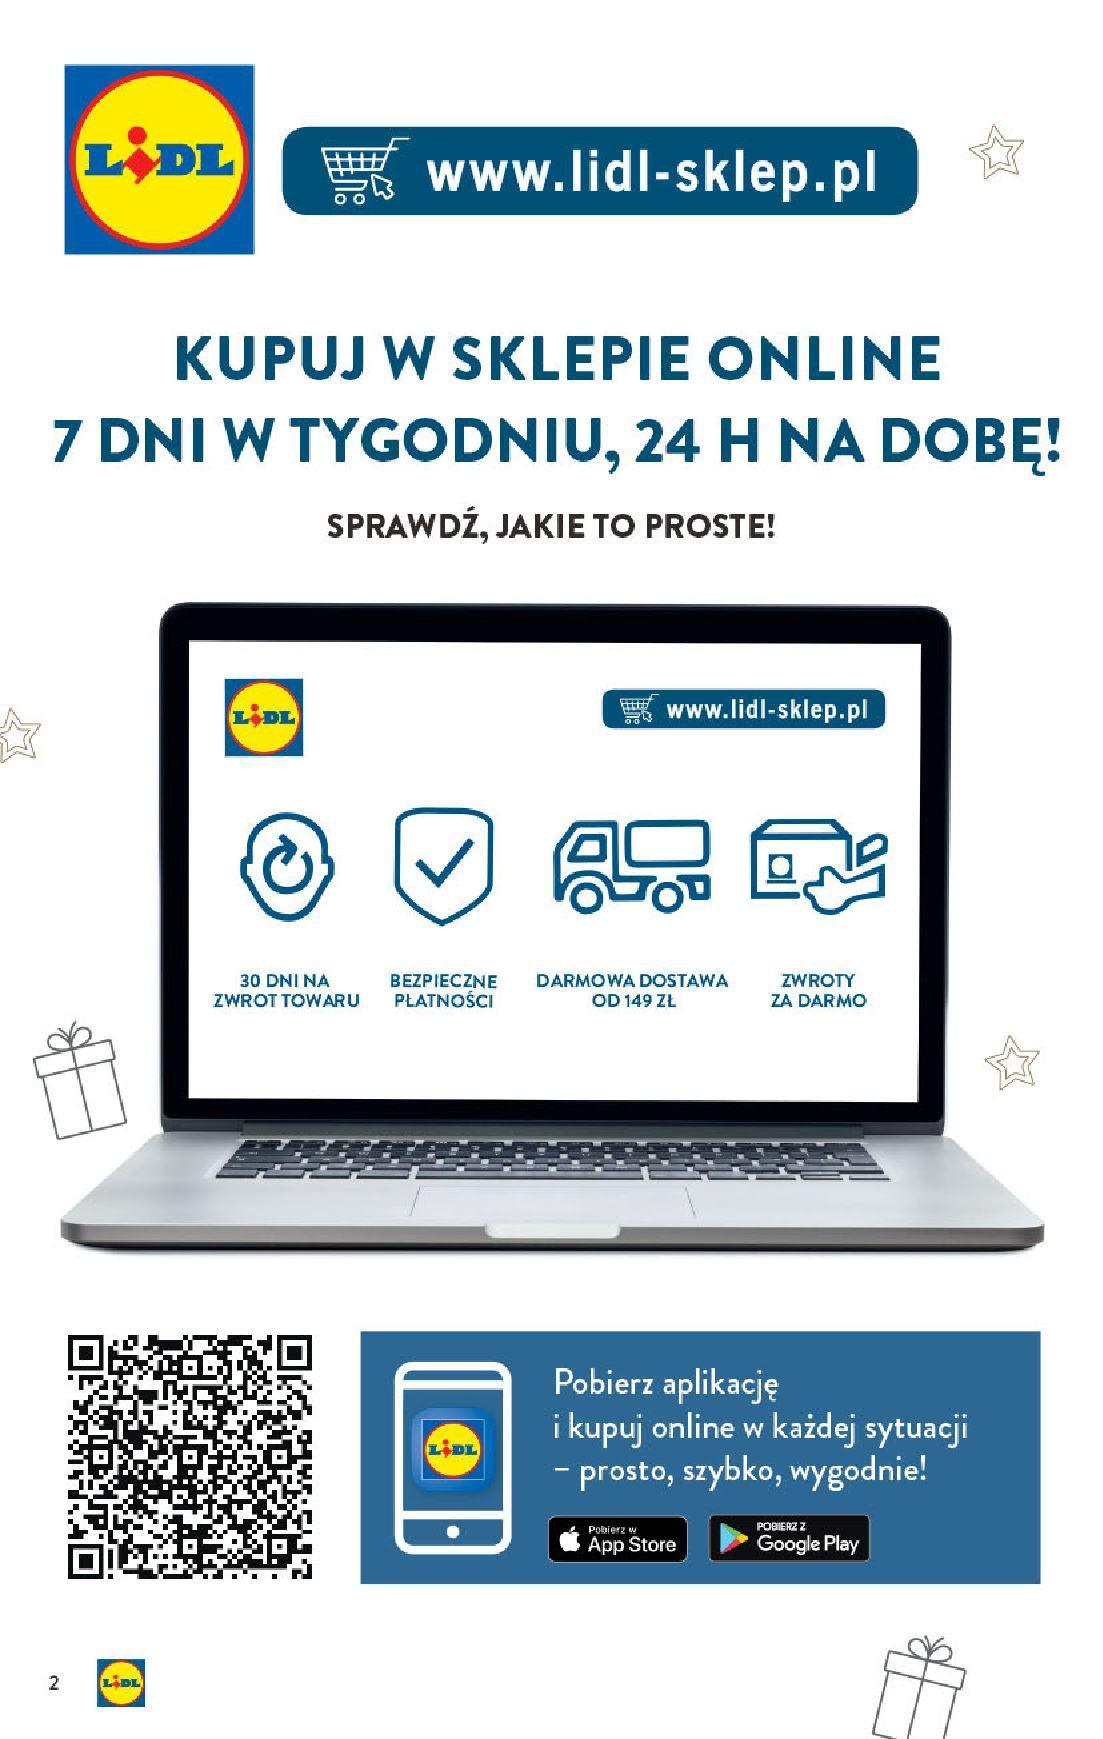 Gazetka promocyjna Lidl do 31/12/2019 str.2